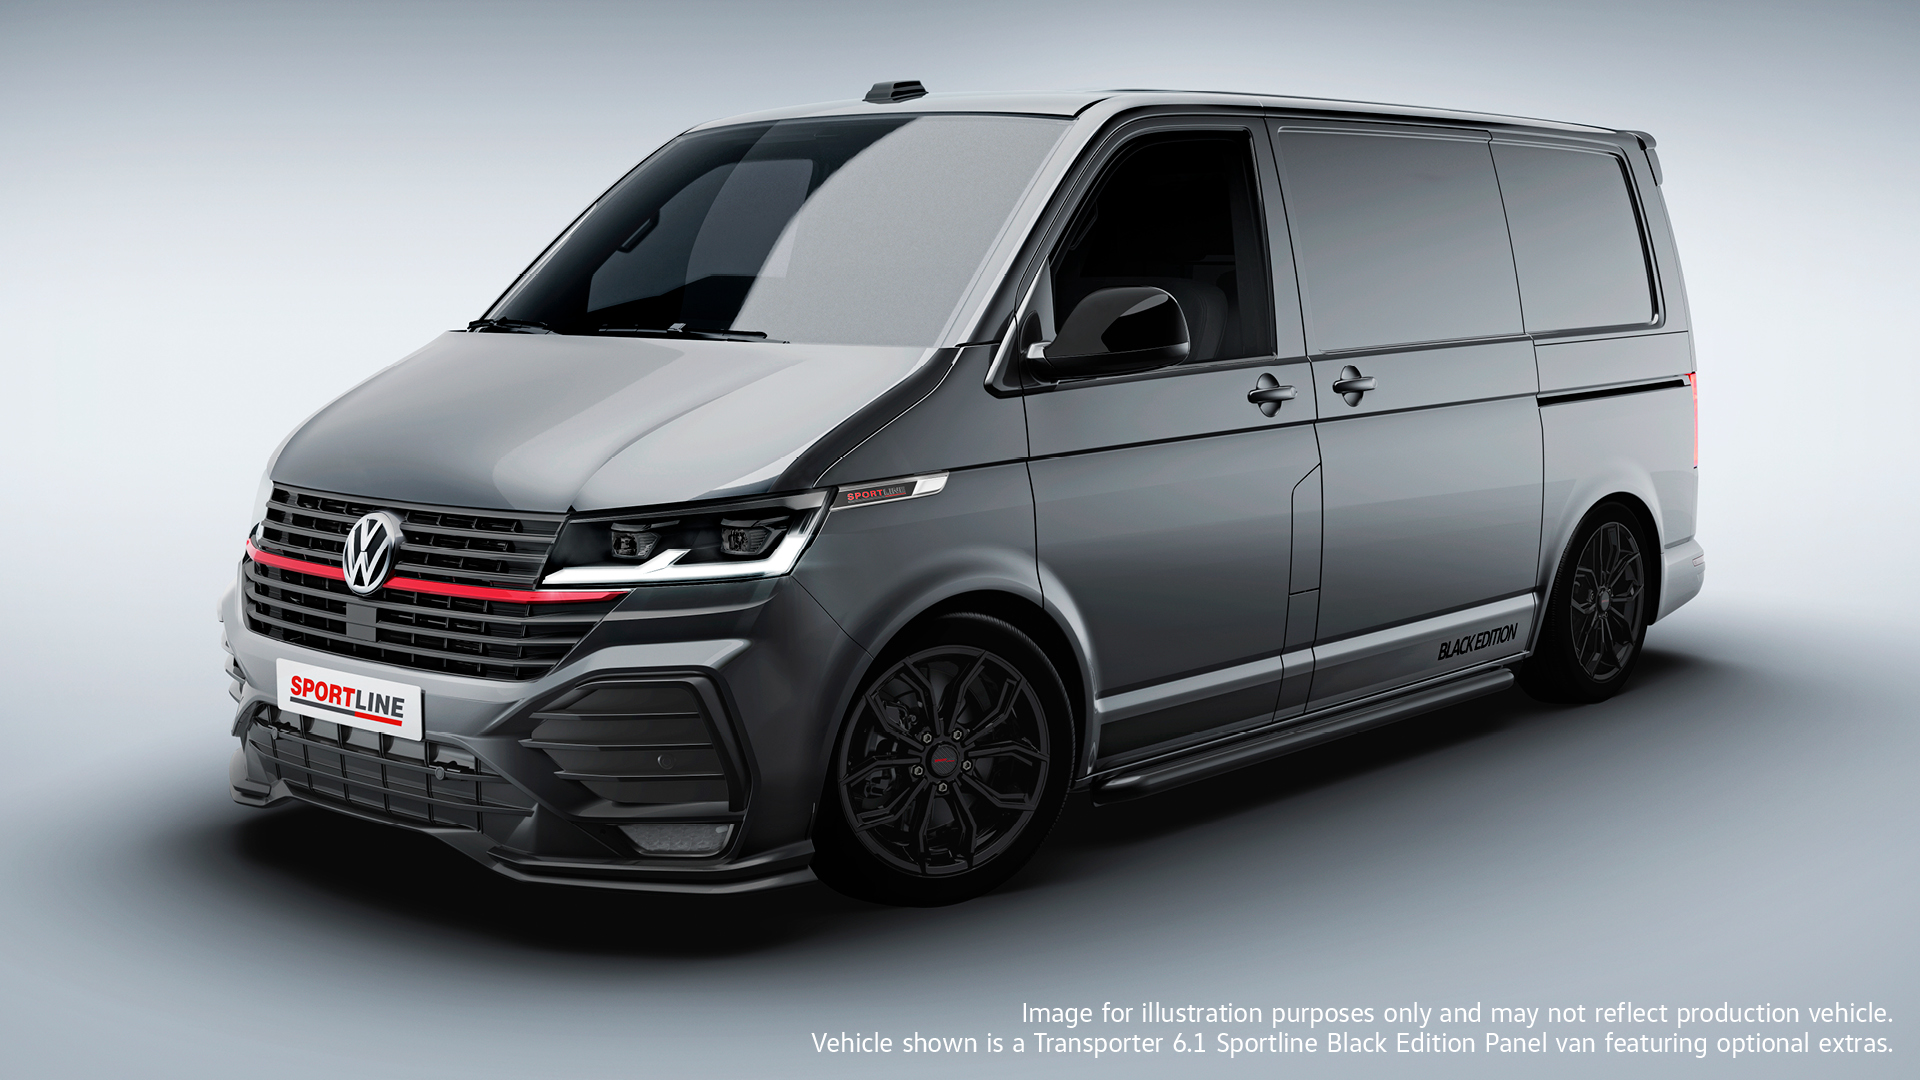 Volkswagen Commercial Vehicles unveils new Transporter T6.1 Sportline